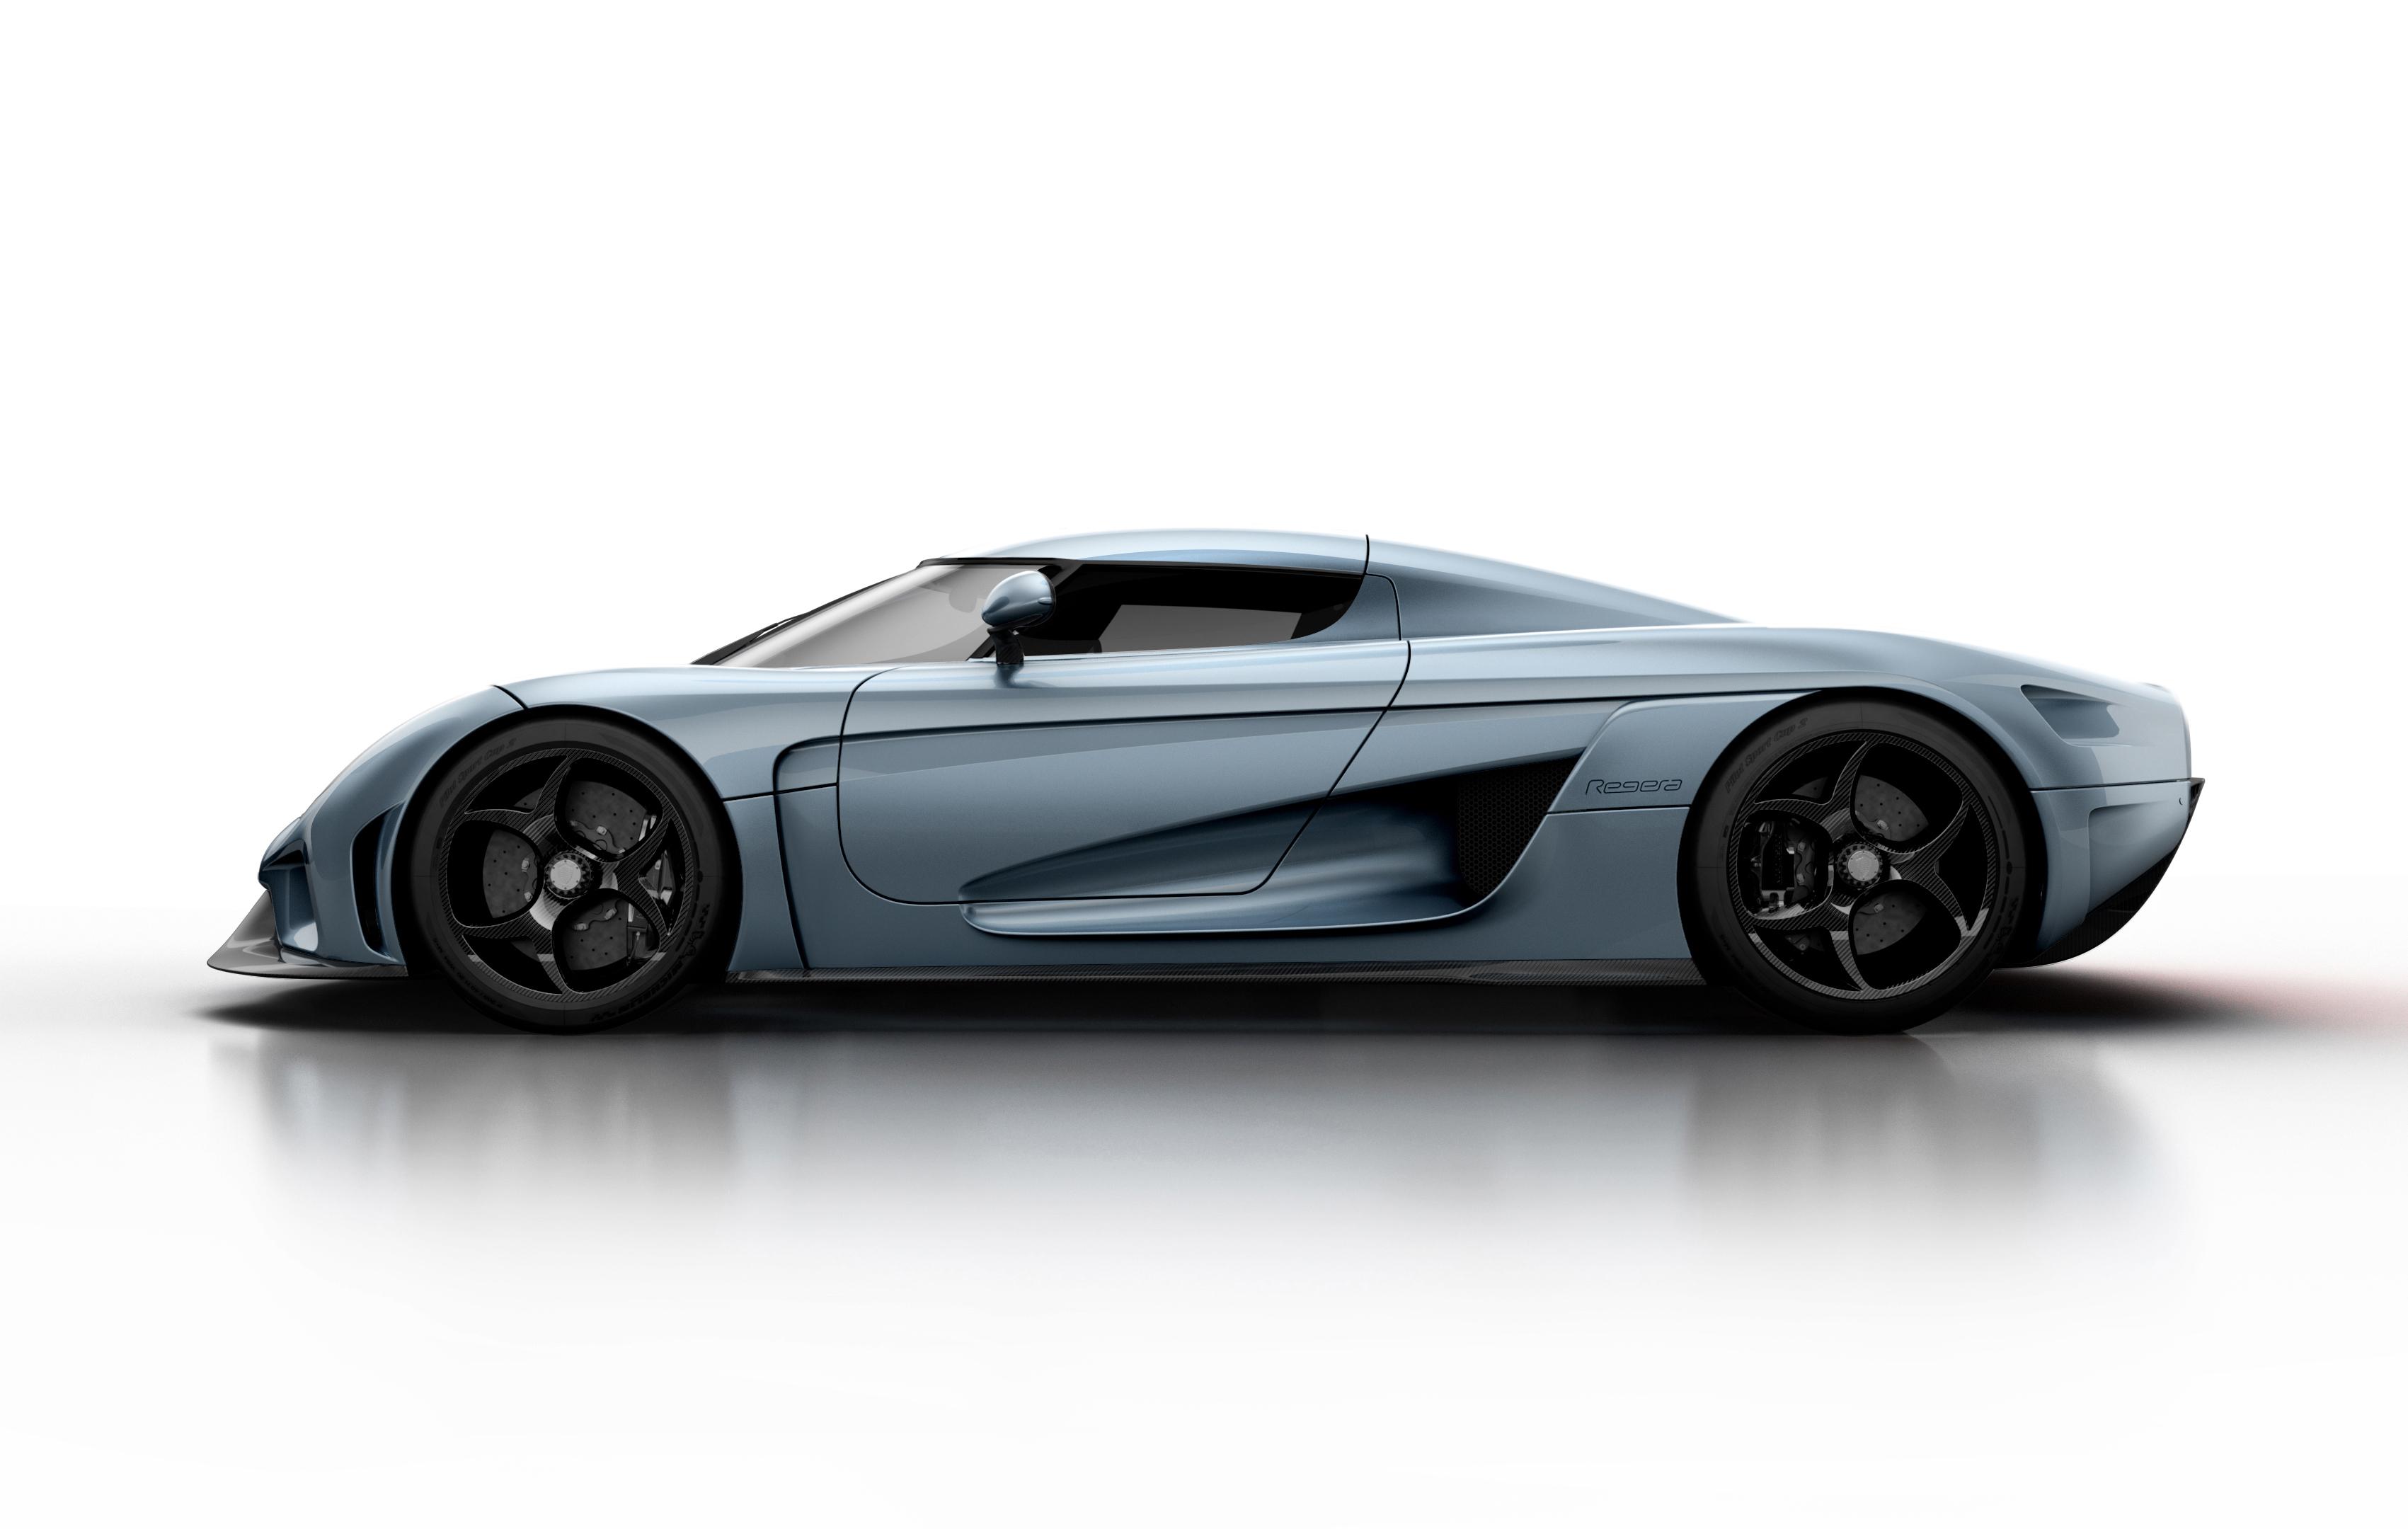 Fondos De Pantalla Vehículo Porsche Show De Net: Fondos De Pantalla : Vehículo, Porsche, Coche Deportivo